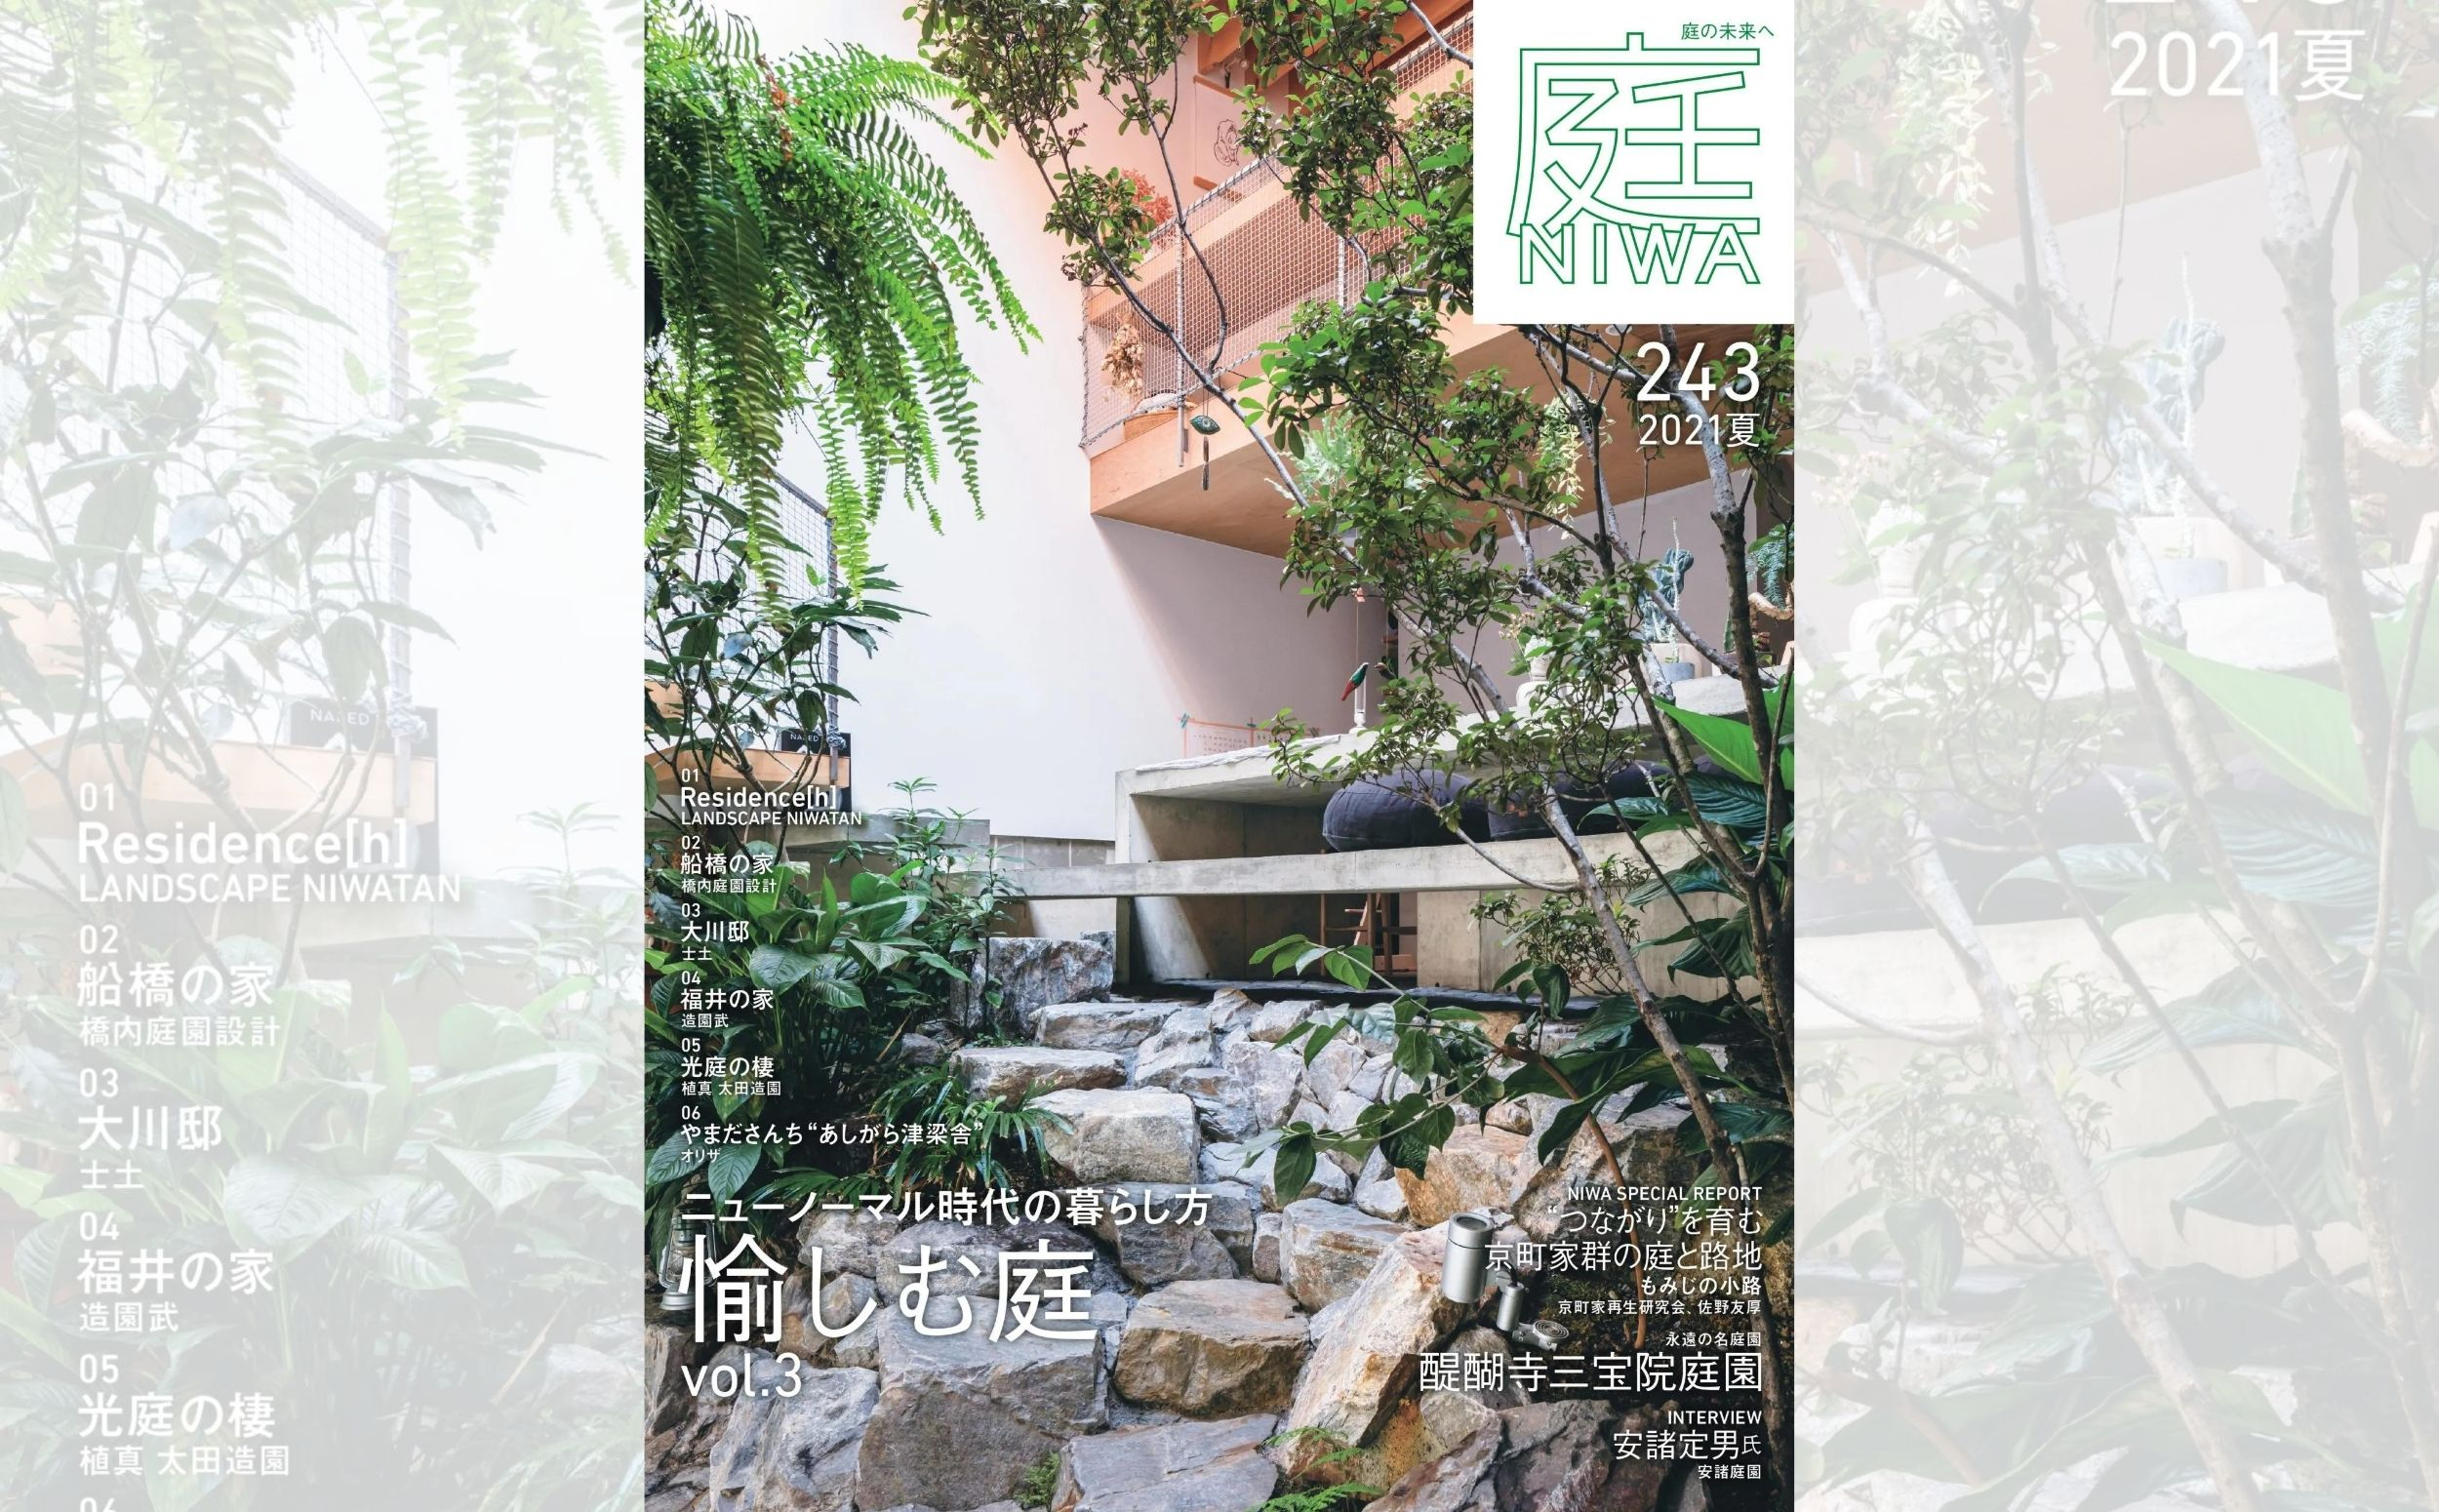 庭NIWA No.243 2021夏号  ニューノーマル時代の暮らし方 愉しむ庭 vol.3